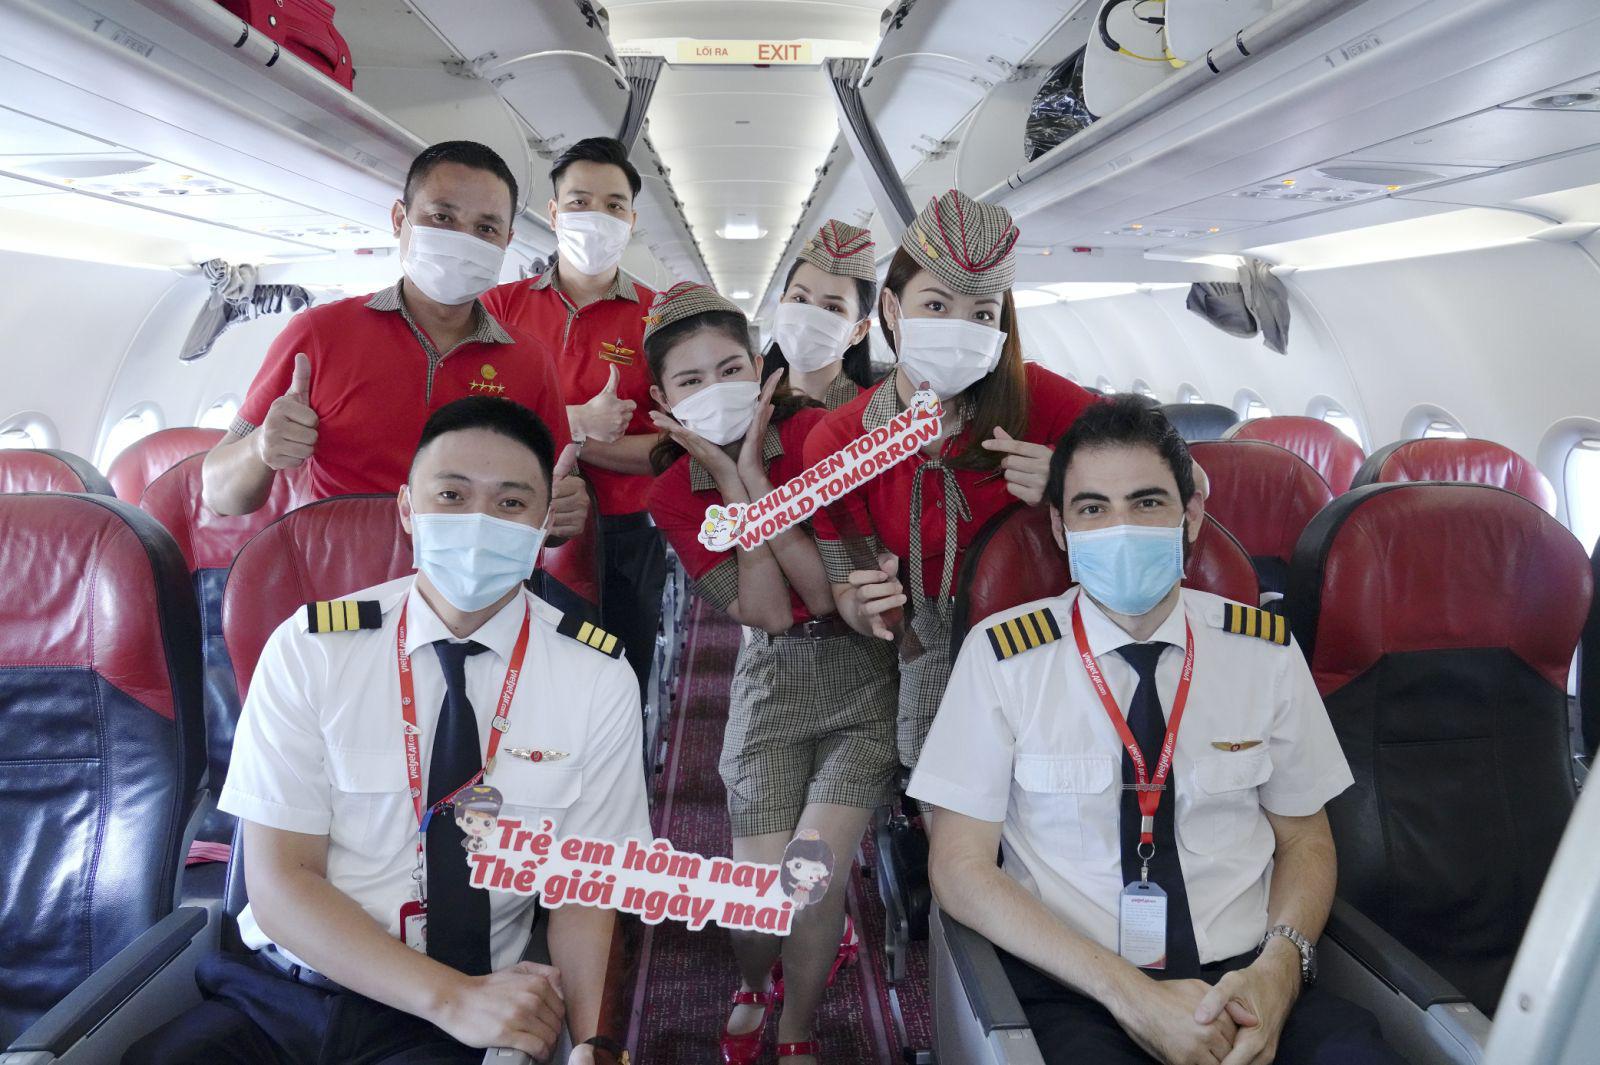 Vietjet lan toả niềm vui bằng hoạt động đặc biệt nhân ngày Quốc tế Thiếu nhi - Ảnh 11.